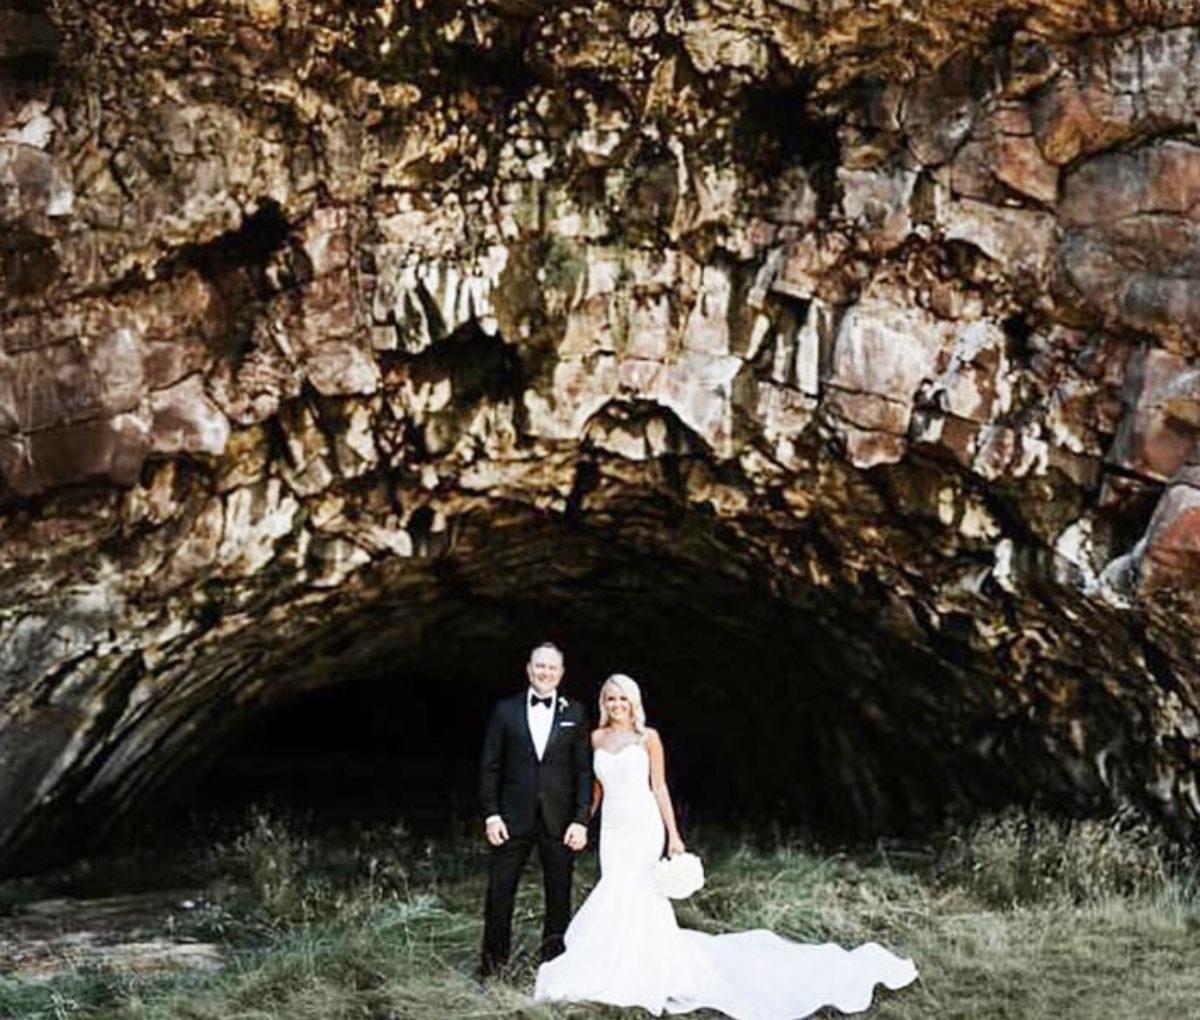 Captivating Caverns